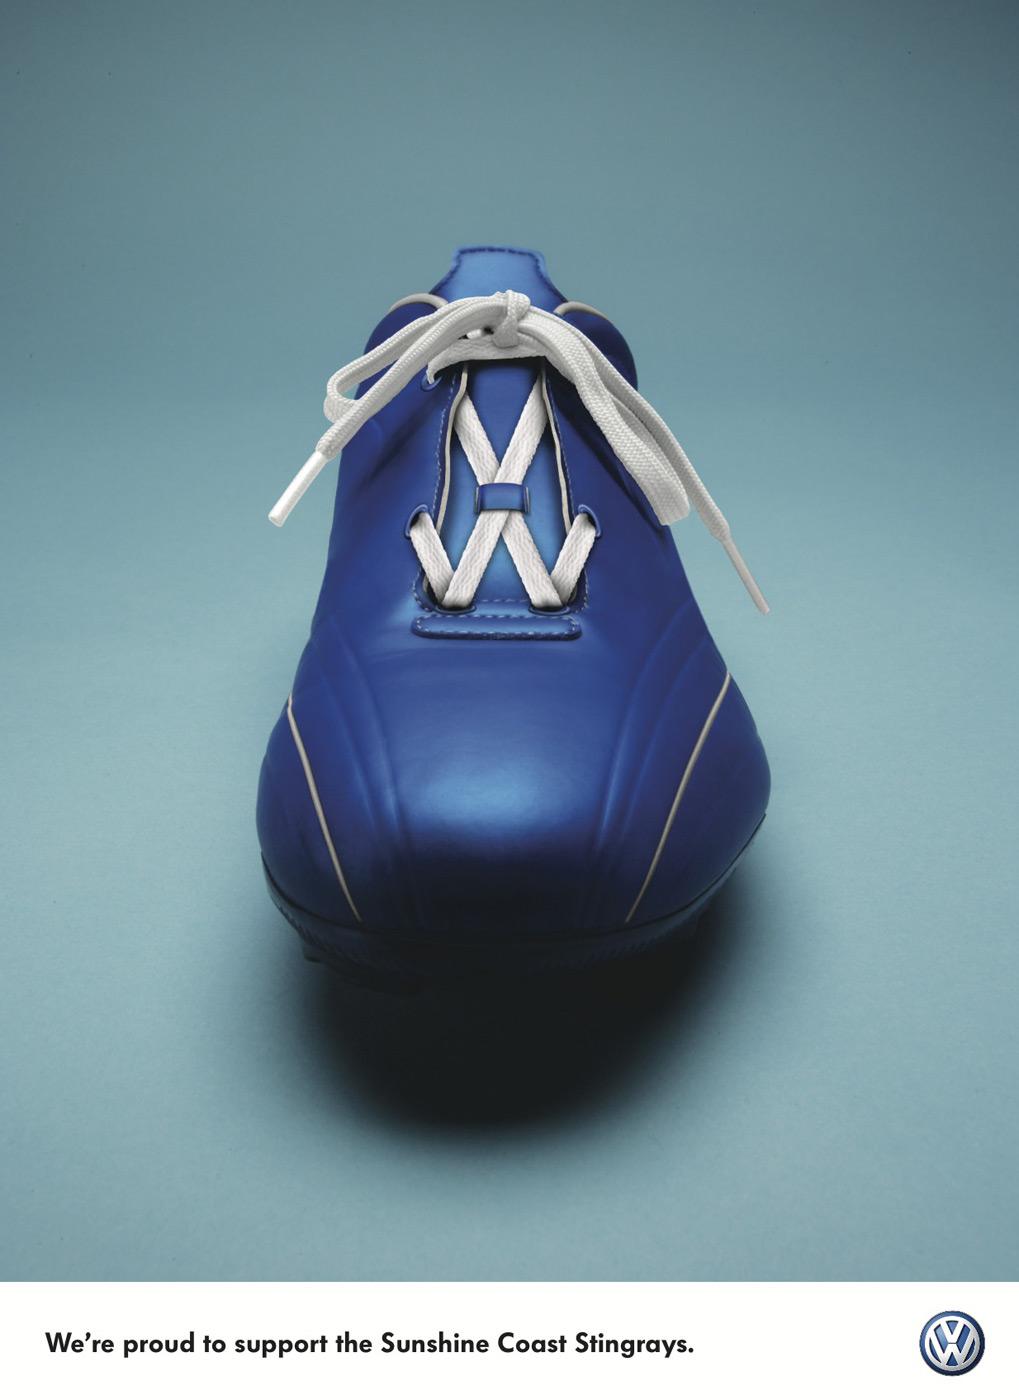 http://1.bp.blogspot.com/_42nL05s3A-8/S8Xy8ncPb9I/AAAAAAAACdI/7eEkMg7oUY4/s1600/VW-Rugby-Sponsorship-FINAL.jpg